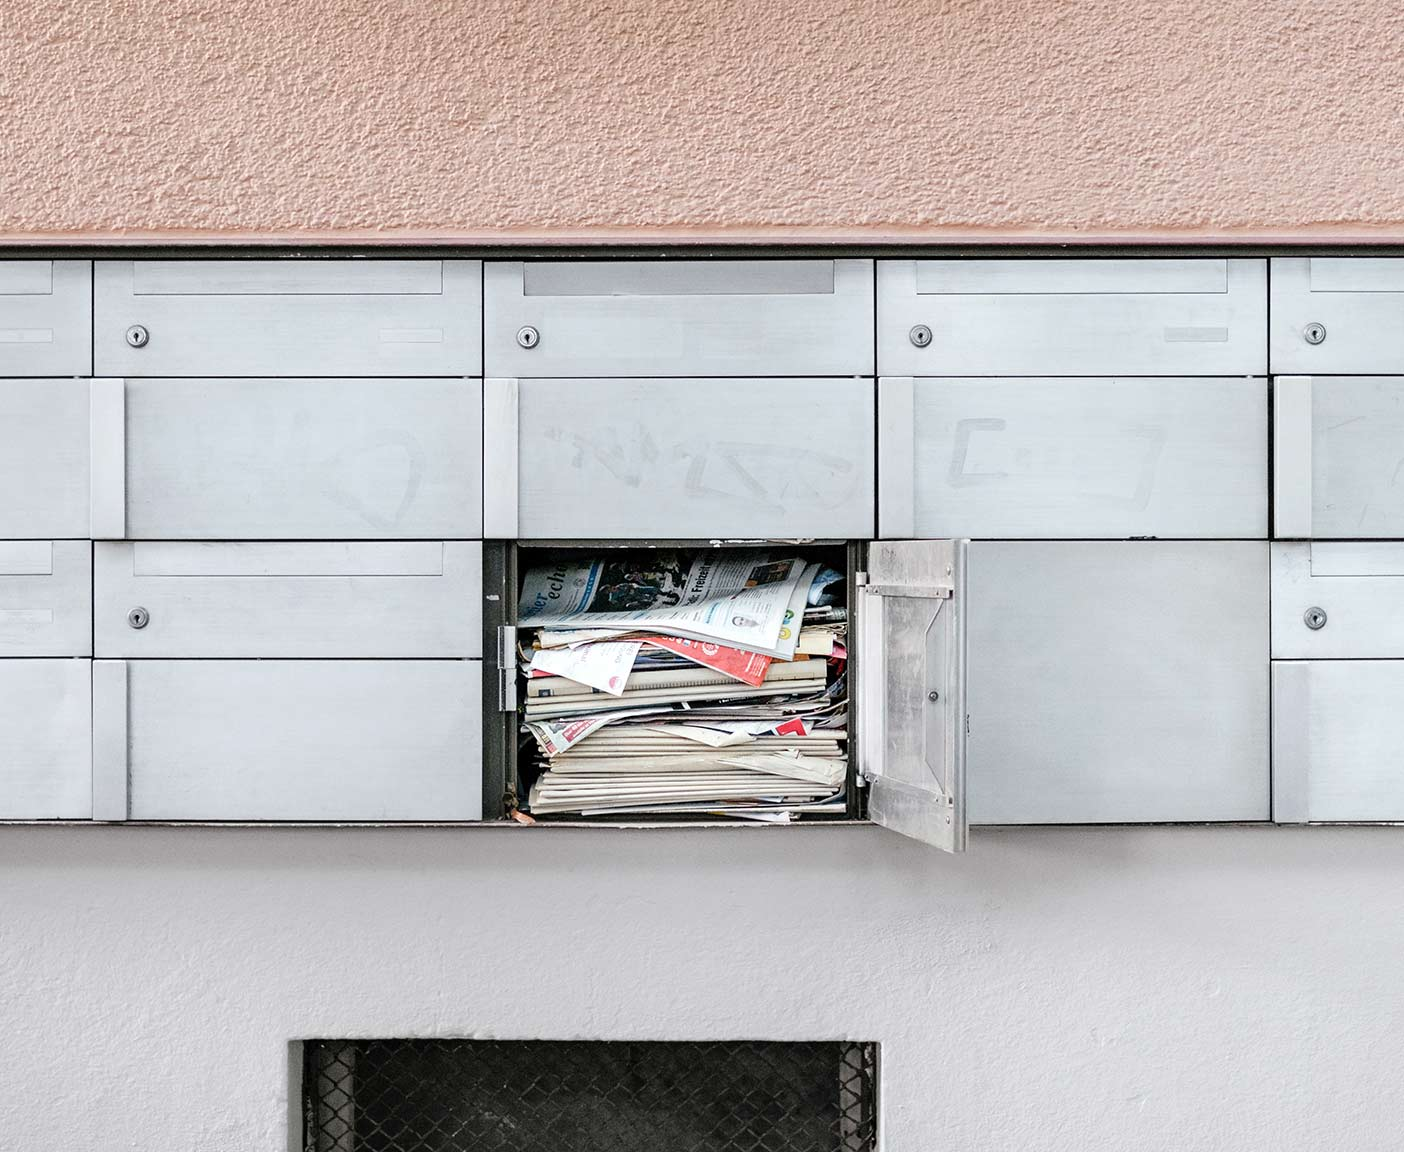 post-digitalisieren-vergleich-caya-e-postscan-kuendigen-nachsendeauftrag-briefkasten